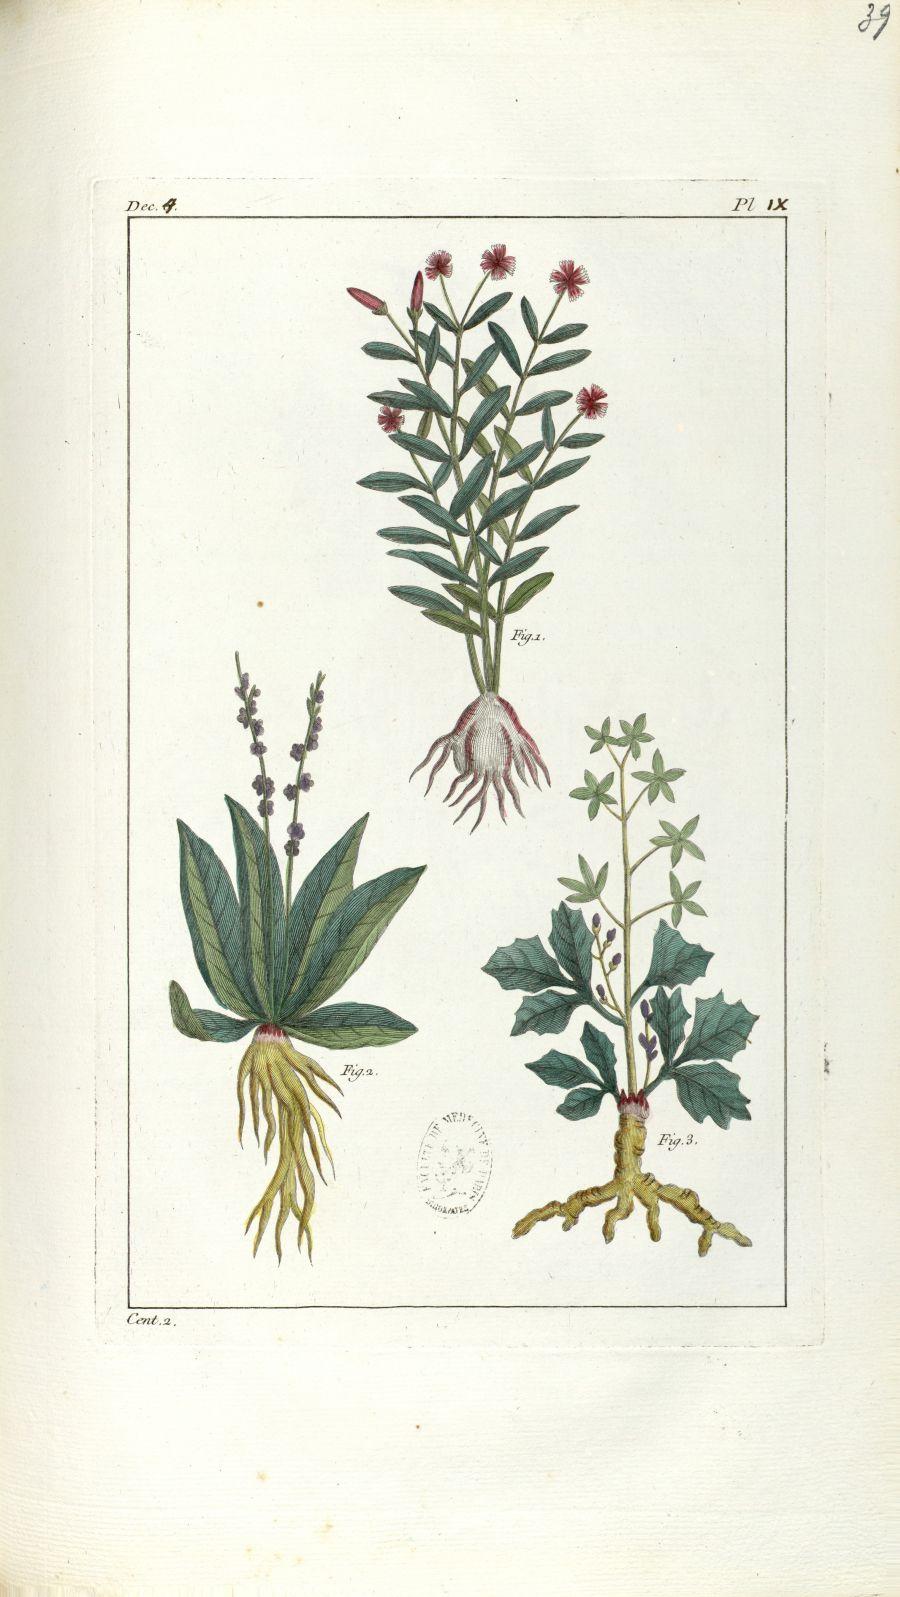 Planche IX. Dec. 4. Cent. 2 - Herbier ou collection des plantes médicinales de la Chine d'après un m [...] - Botanique. Plantes (médecine). Chine. 18e siècle - med01989x0042